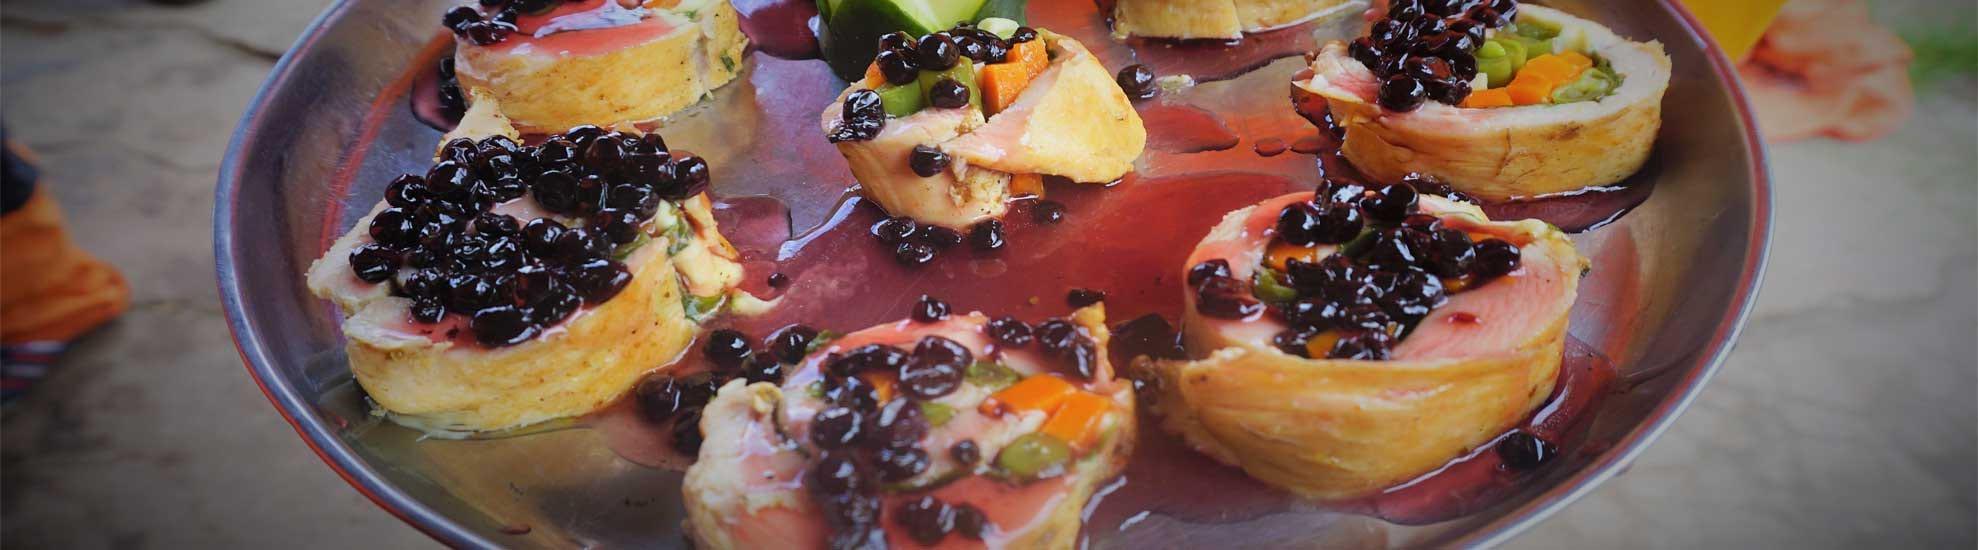 Traditional Gourmet food by Kenko Adventures